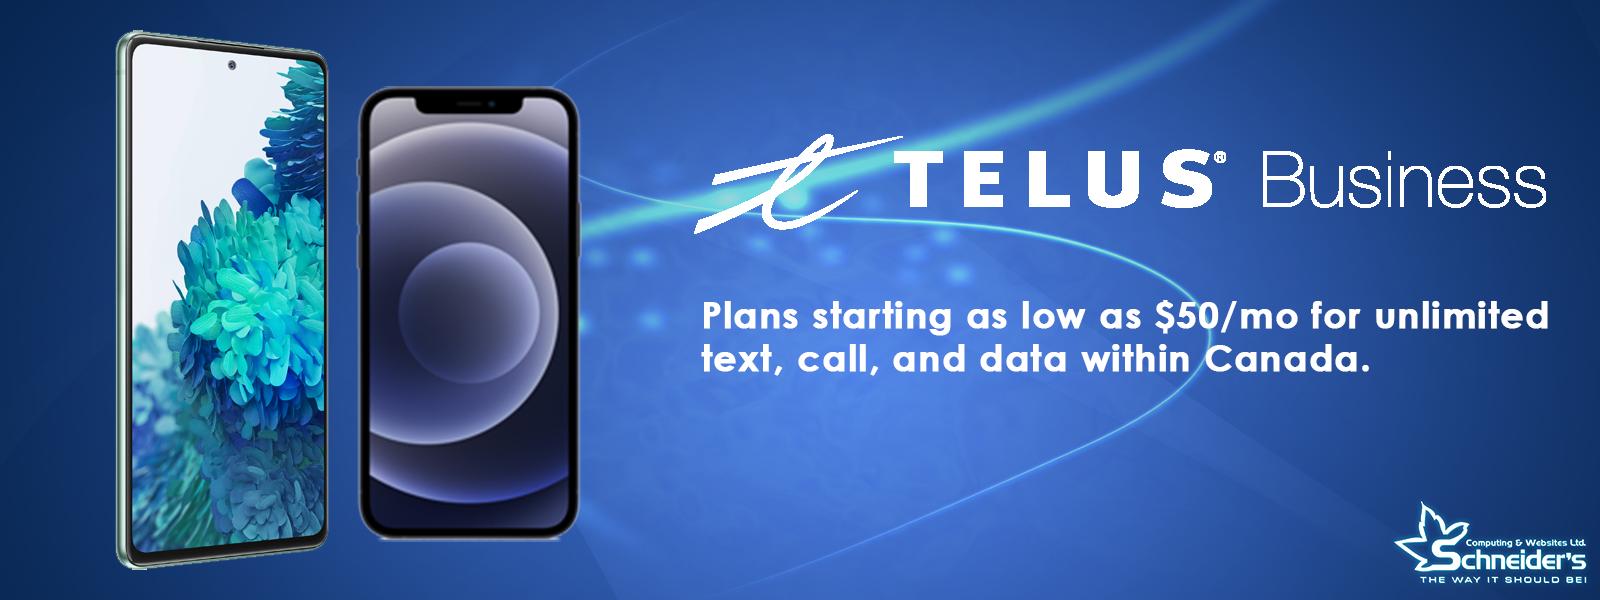 Website Banner Telus Plans